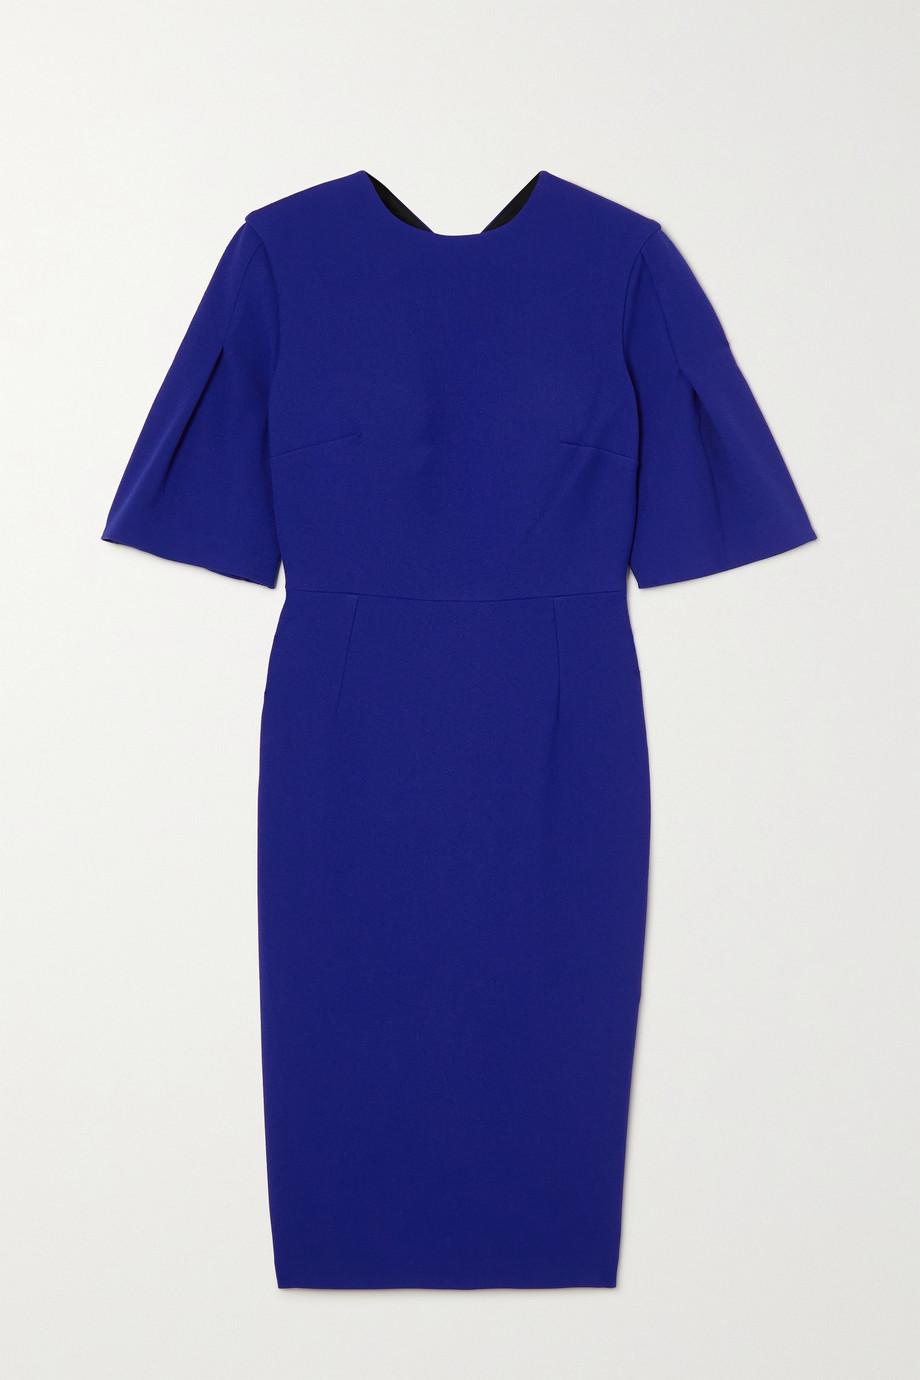 Roland Mouret Moria crepe dress